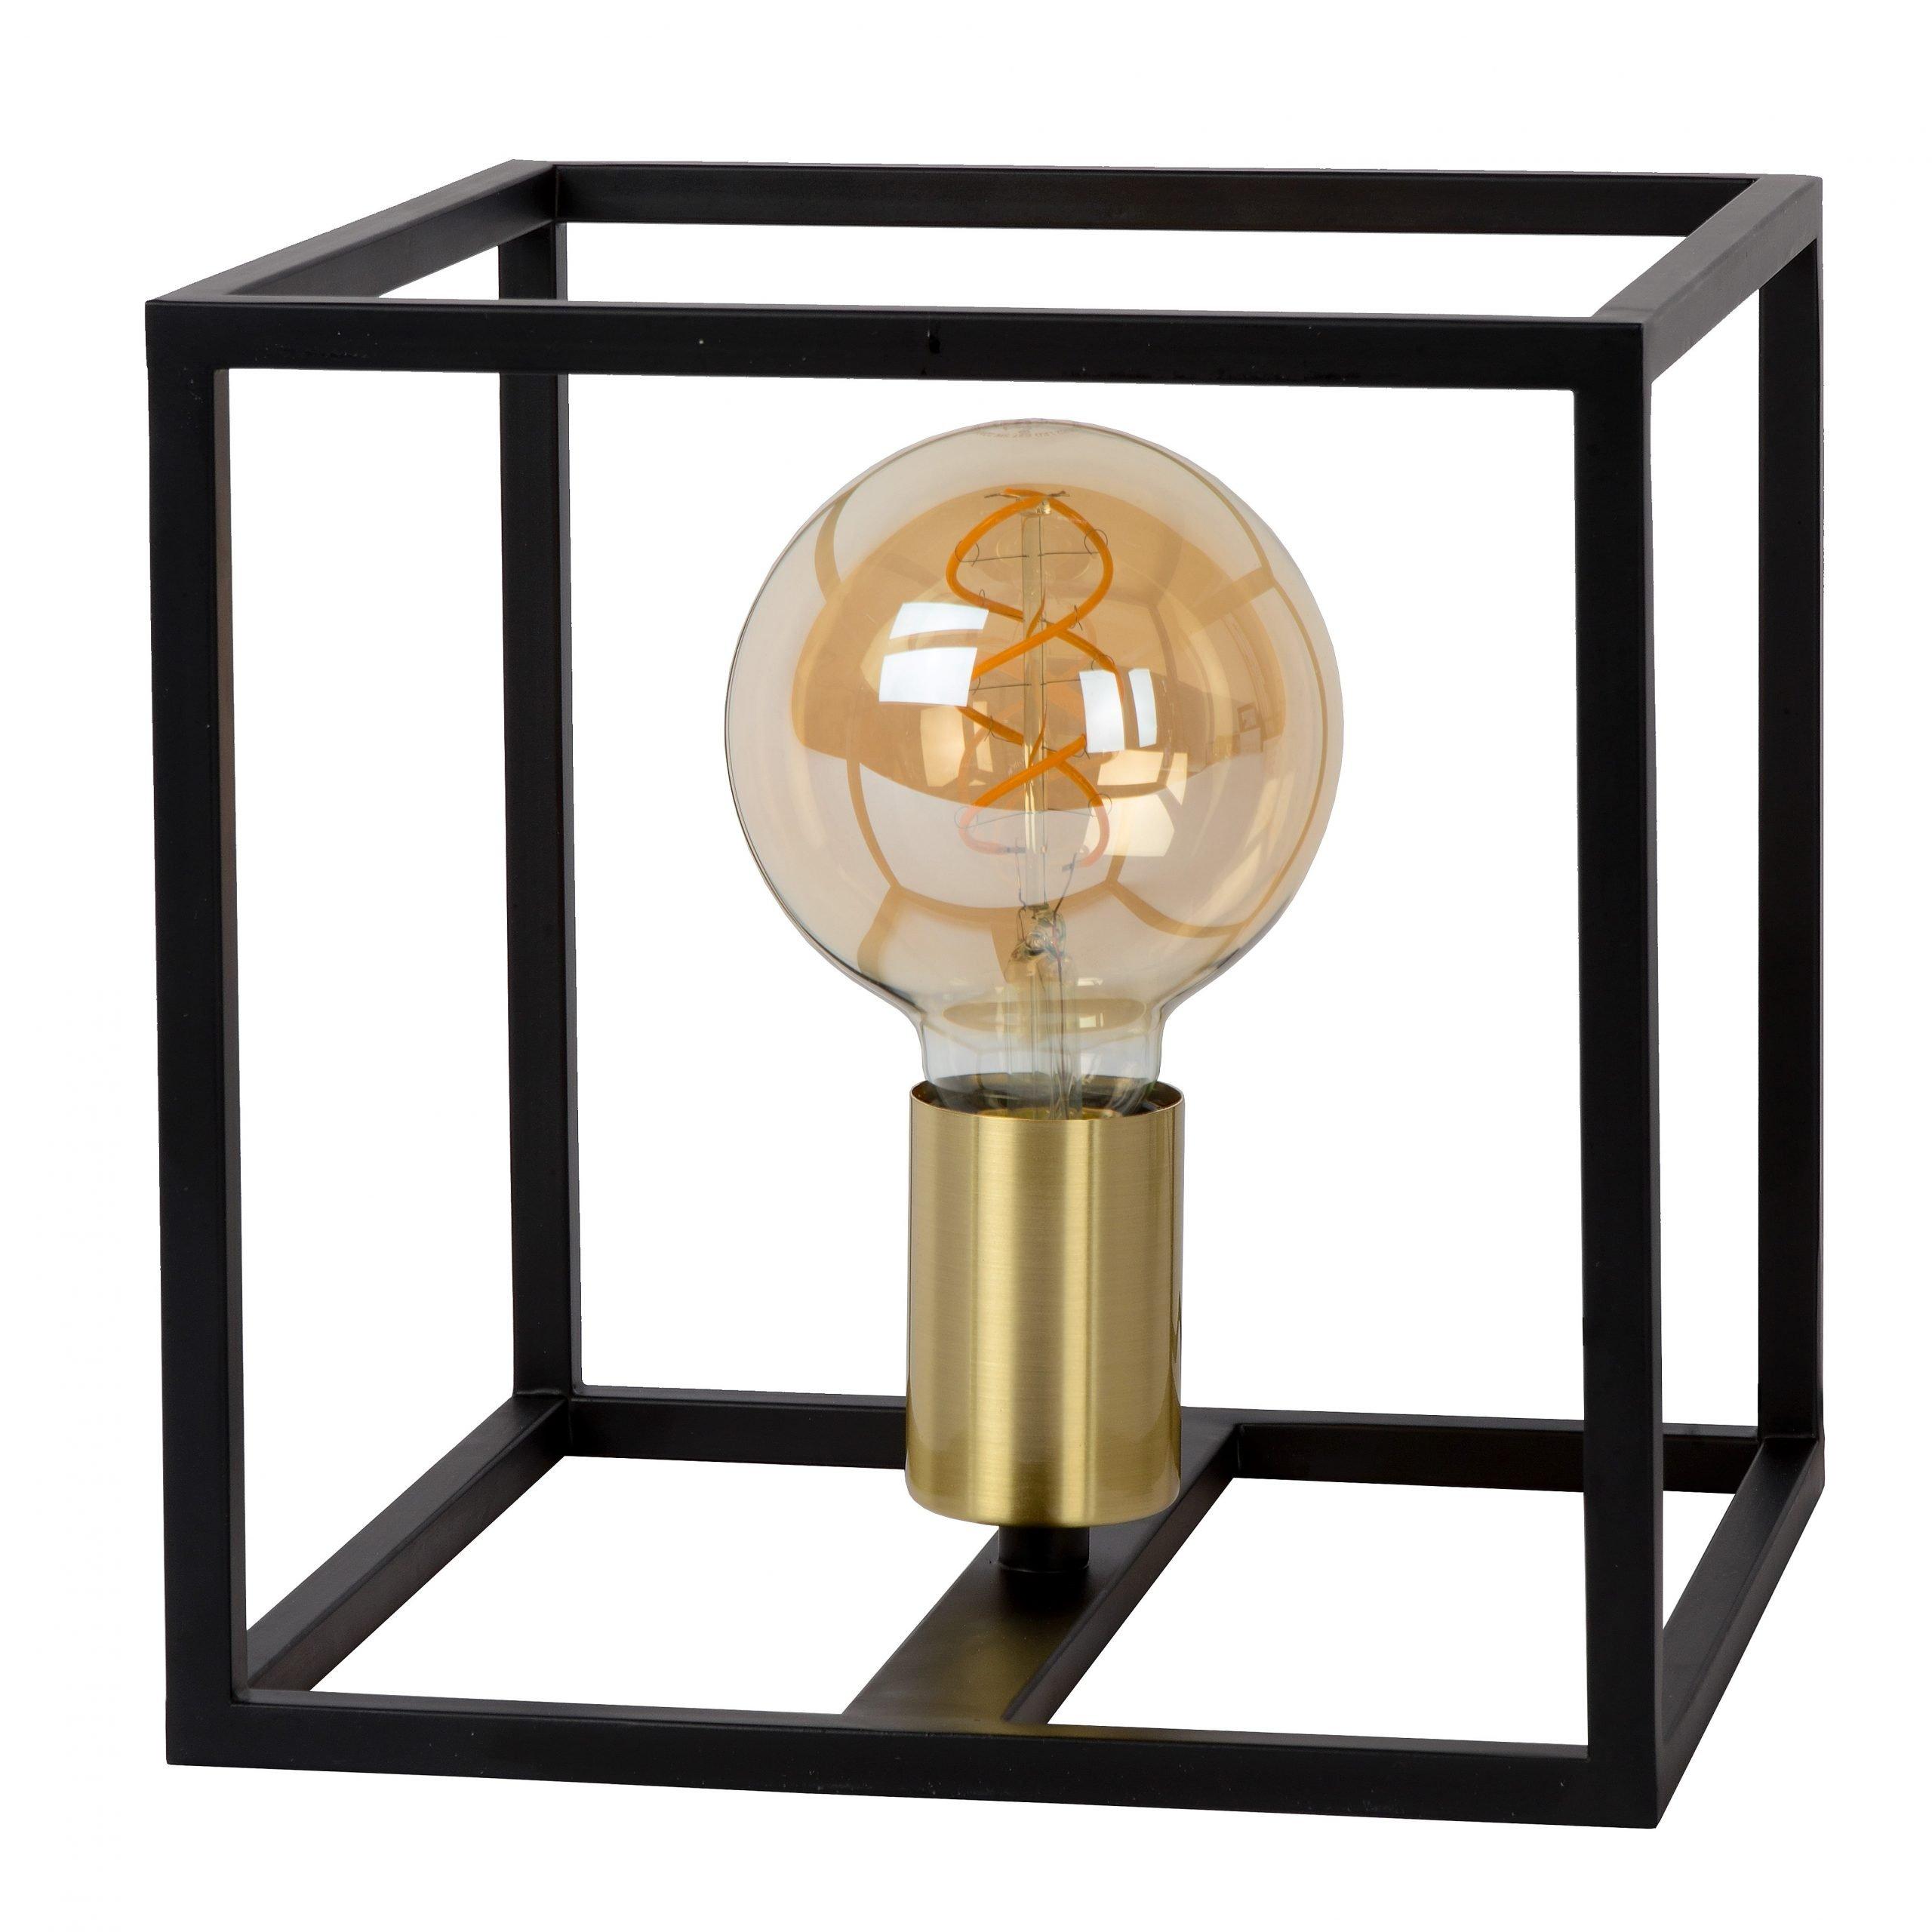 Leuke lamp voor op een kast